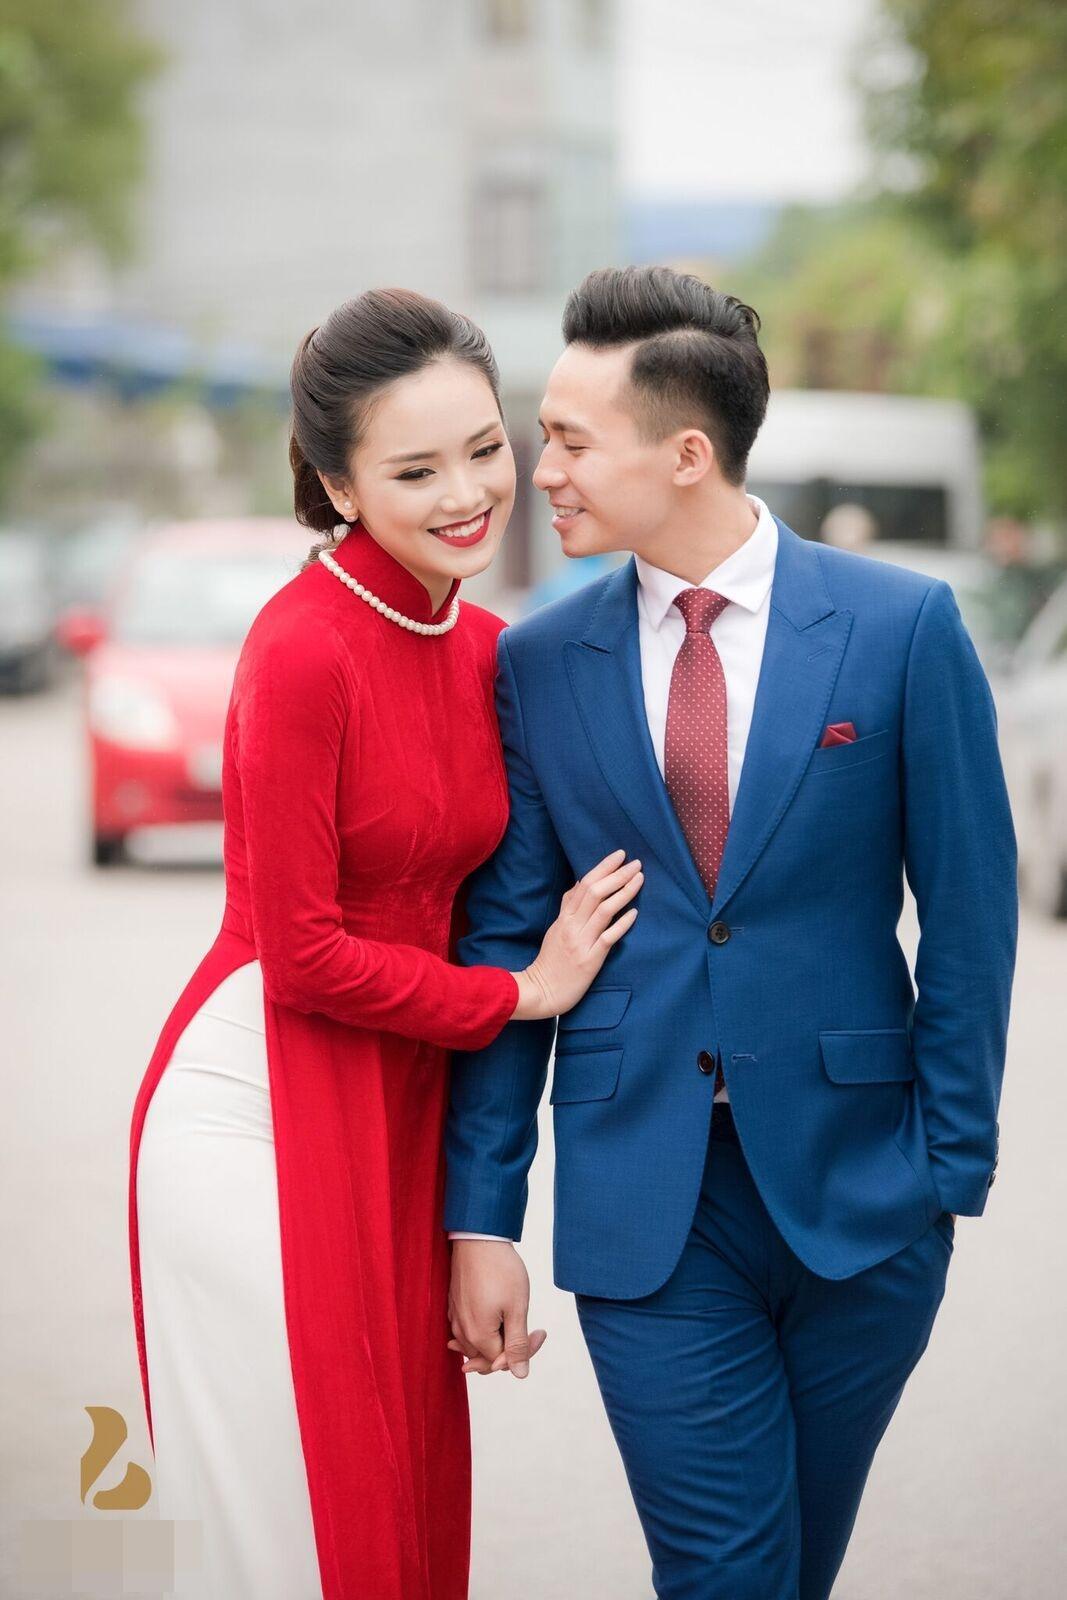 Hoa hậu khả ái Trần Tố Như nở nụ cười rạng rỡ, nắm chặt tay hot boy cảnh sát trong suốt lễ ăn hỏi-1